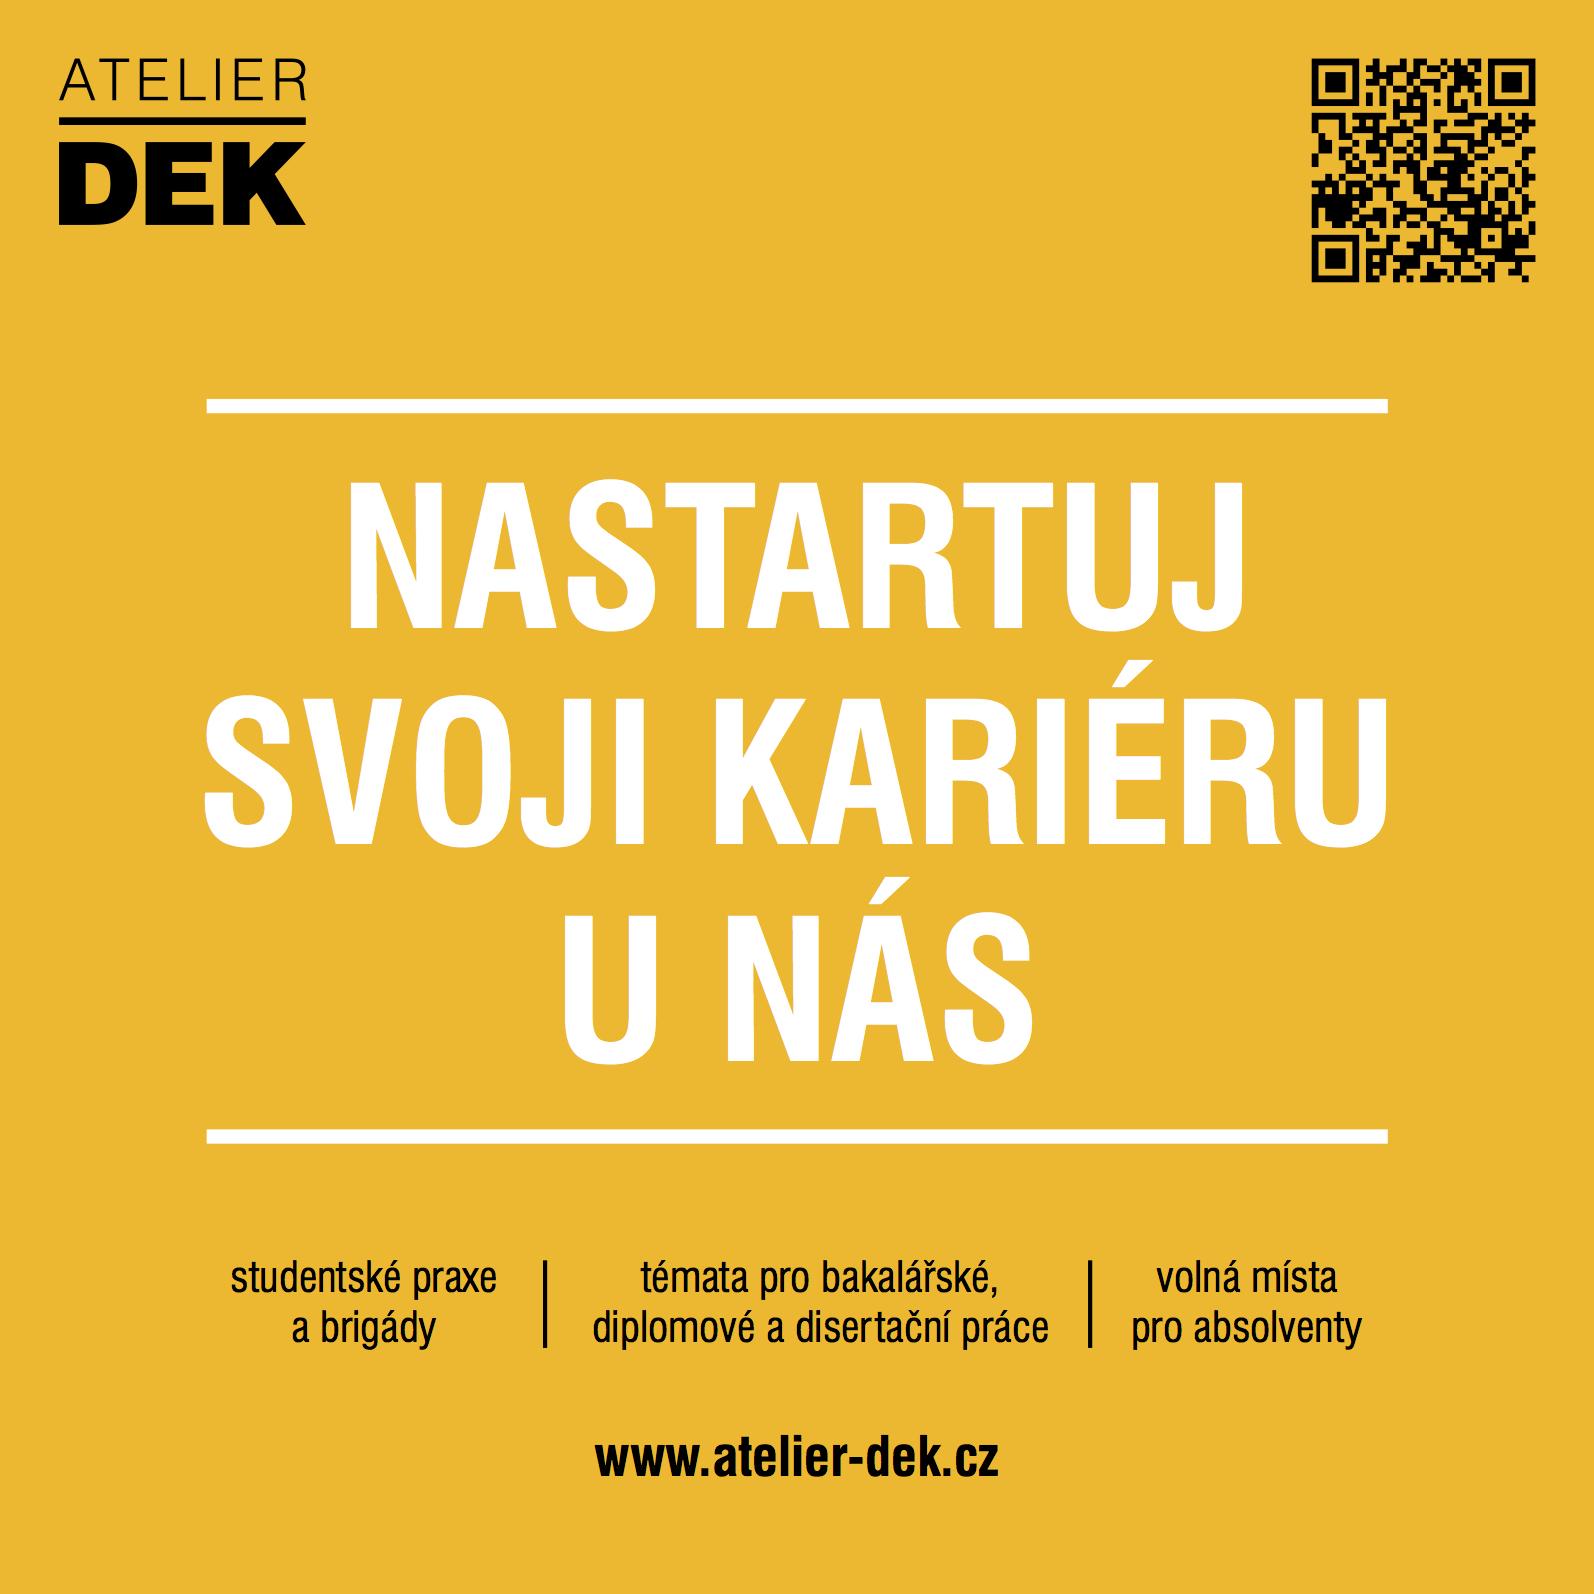 DiAS_2017__Dek